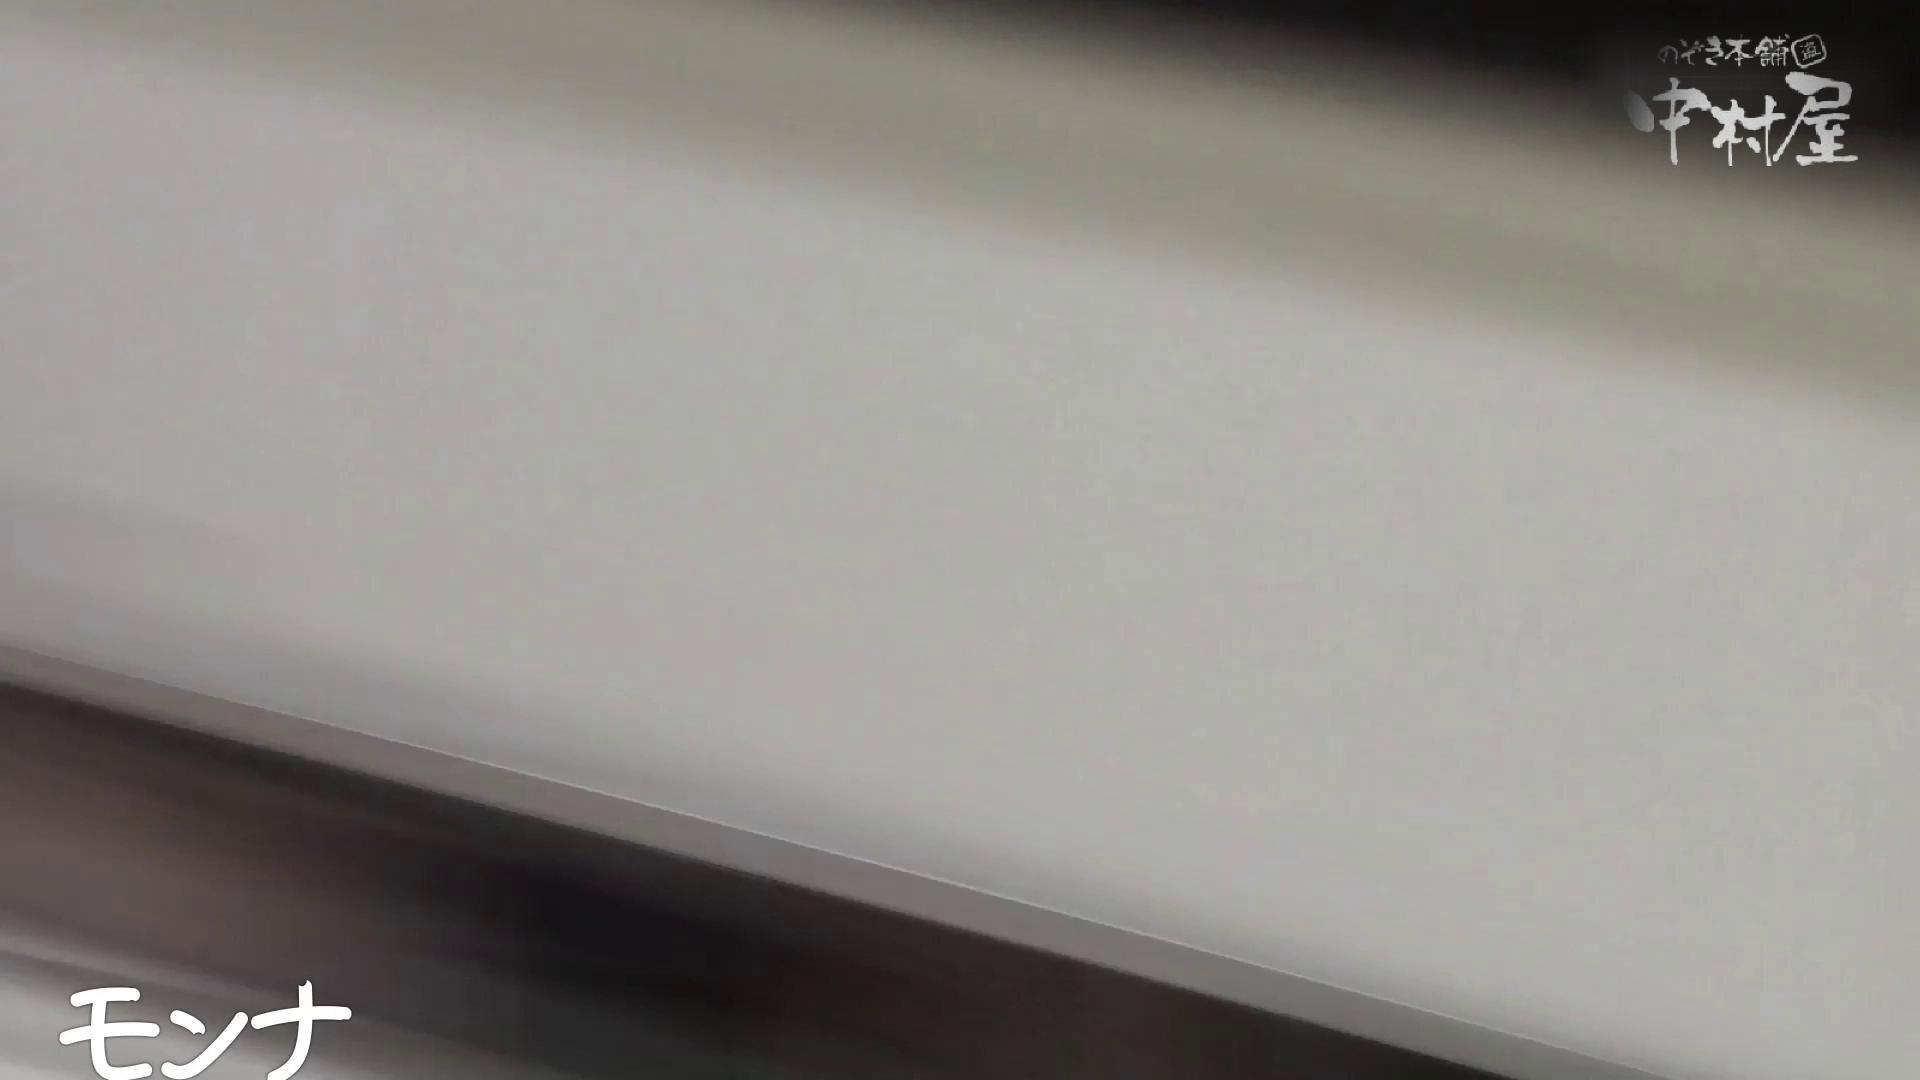 美しい日本の未来 No.52 顔とのギャップが!!清楚な顔の子はボウボウ 覗き 隠し撮りオマンコ動画紹介 60枚 43